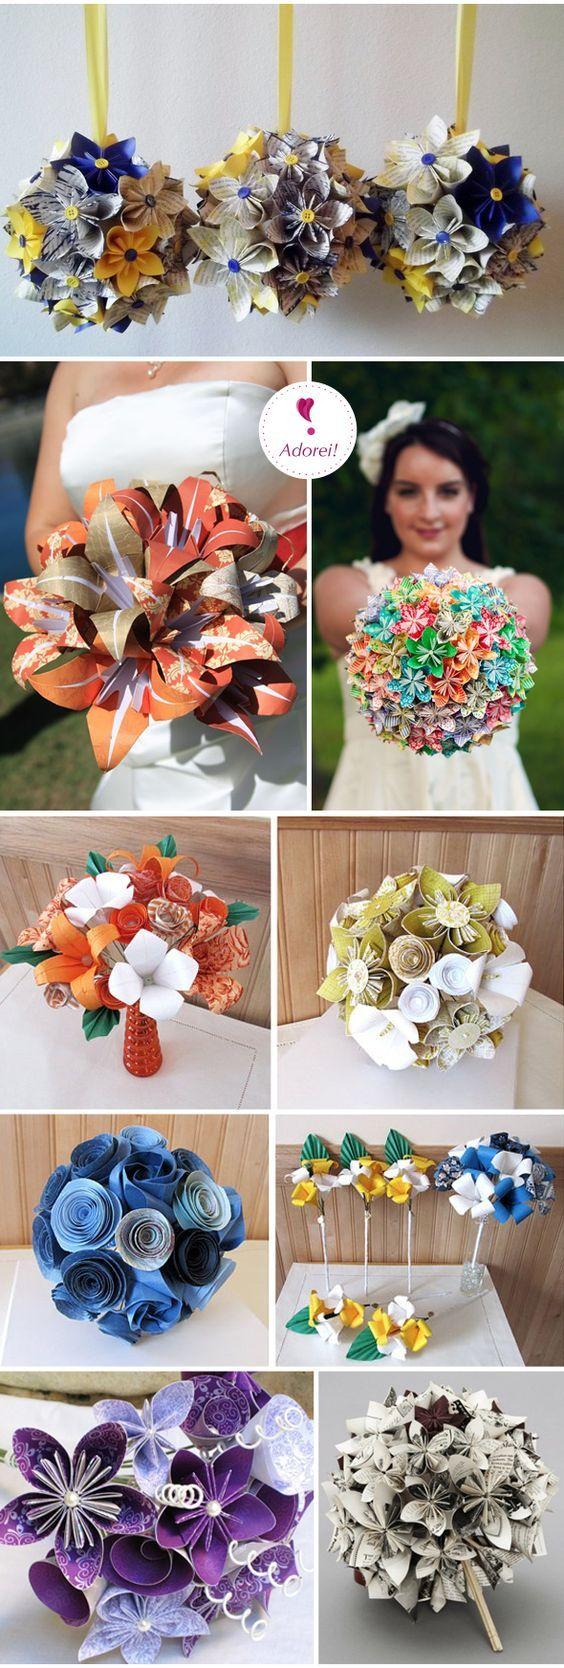 Origami Wedding Bouquet / http://www.himisspuff.com/origami-wedding-ideas/7/